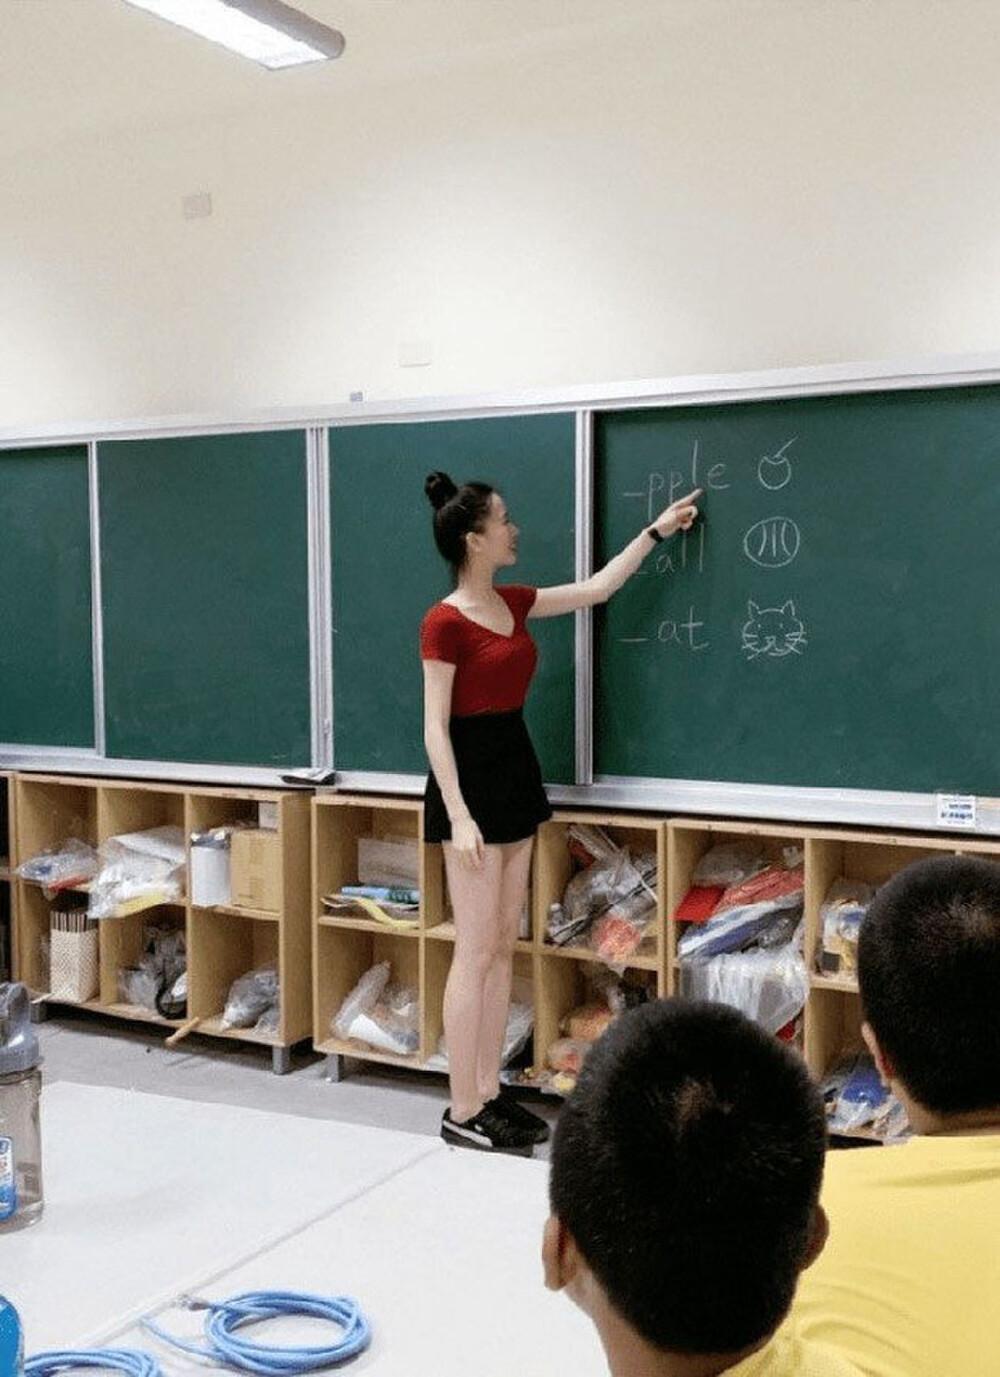 Cô giáo mầm non ăn mặc gợi cảm khi đứng lớp khiến phụ huynh tranh cãi dữ dội Ảnh 5